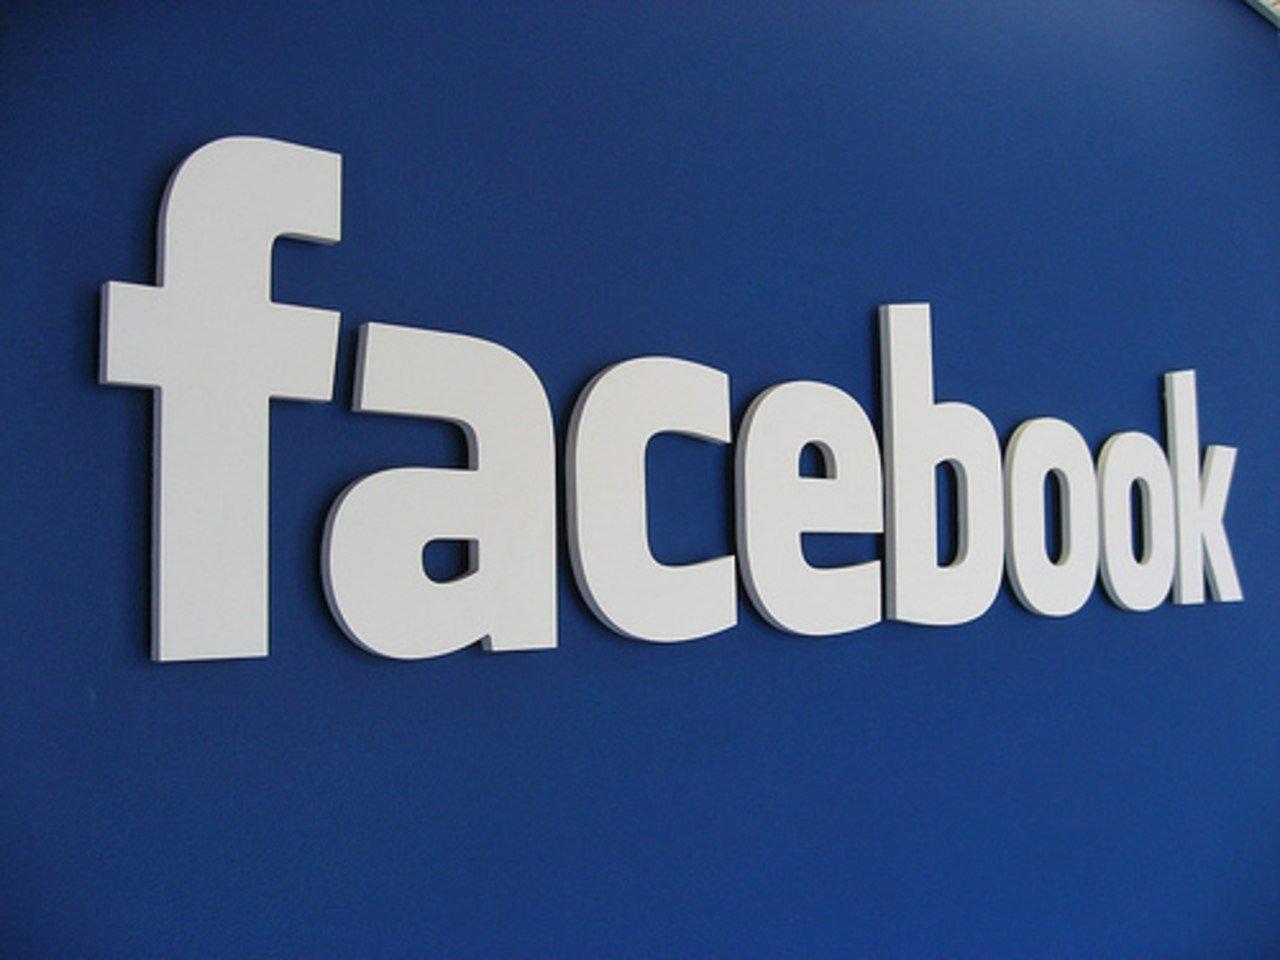 #Deletefacebook: Сооснователь WhatsApp призвал пользователей удалить фейсбук